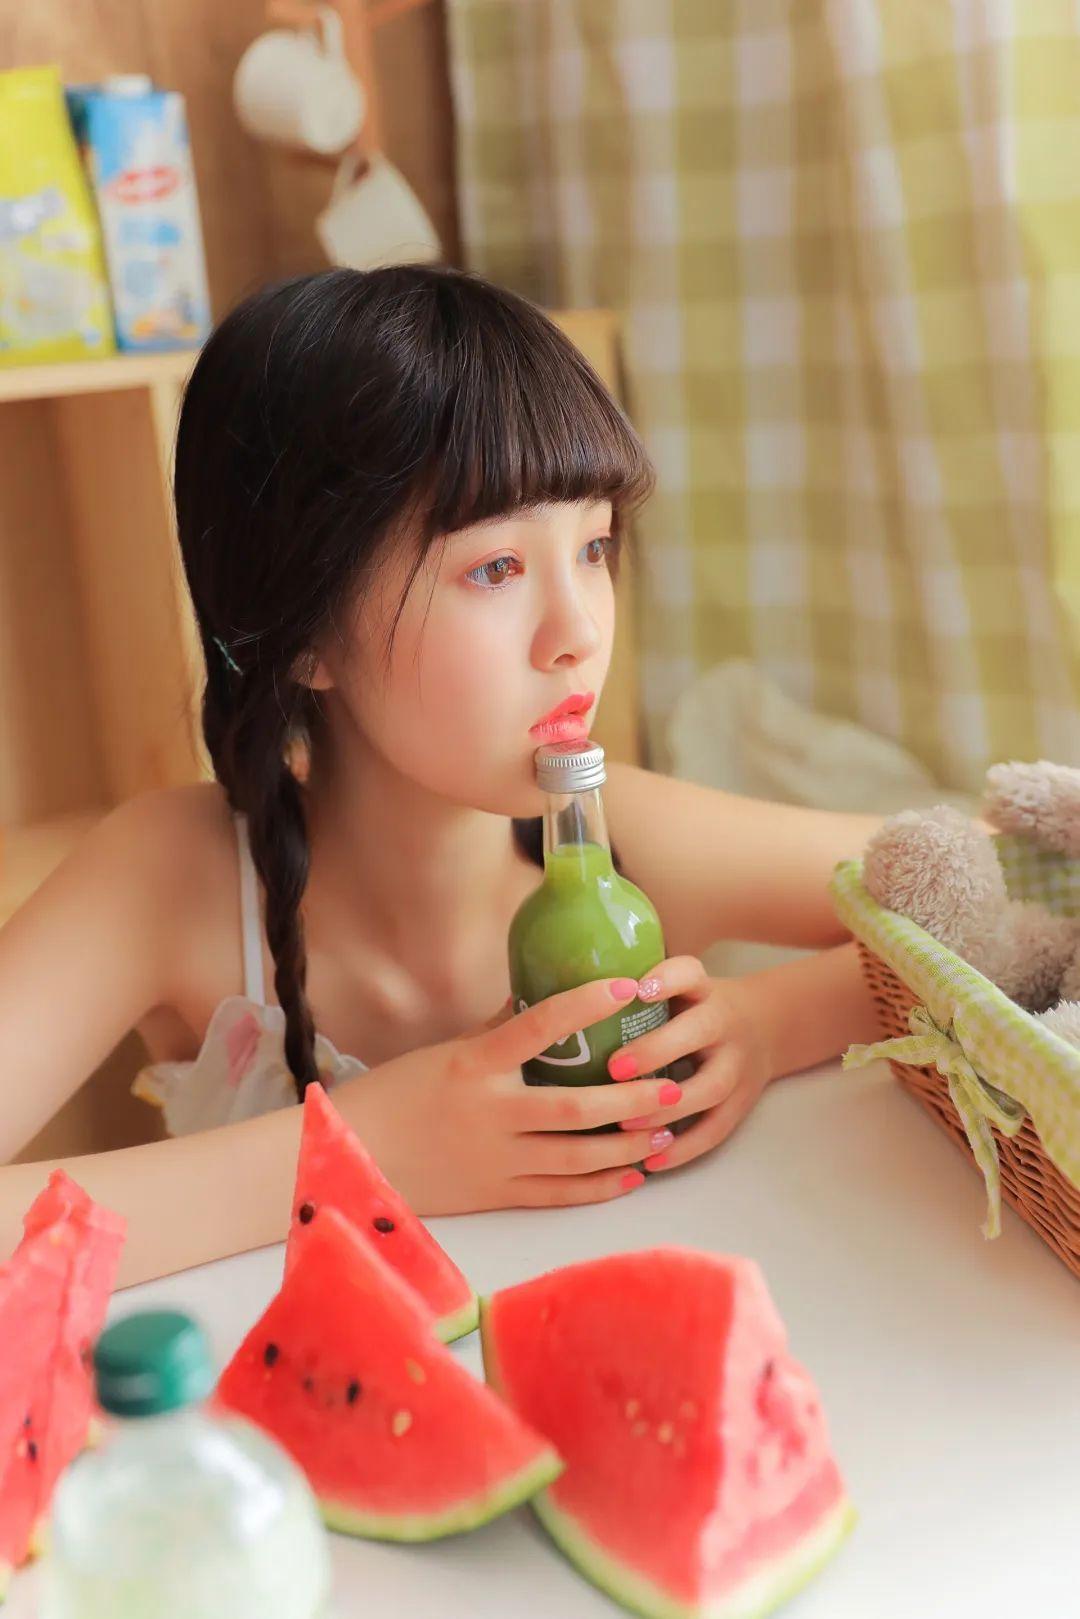 妹子摄影 – 甜美连衣裙双马尾少女吃西瓜_图片 No.18